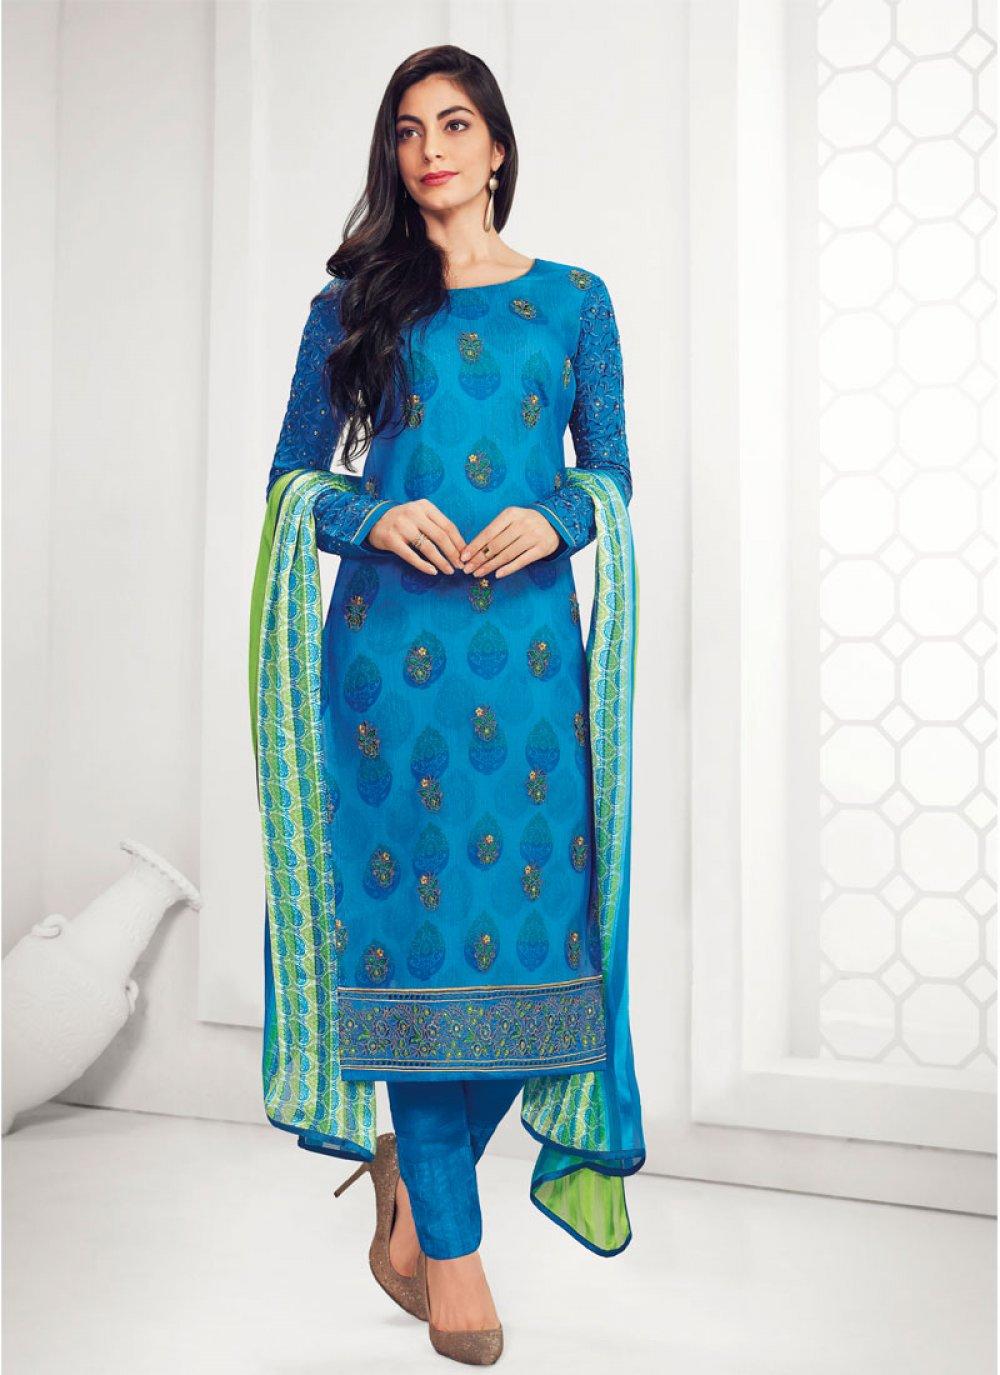 Georgette Embroidered Blue Salwar Kameez